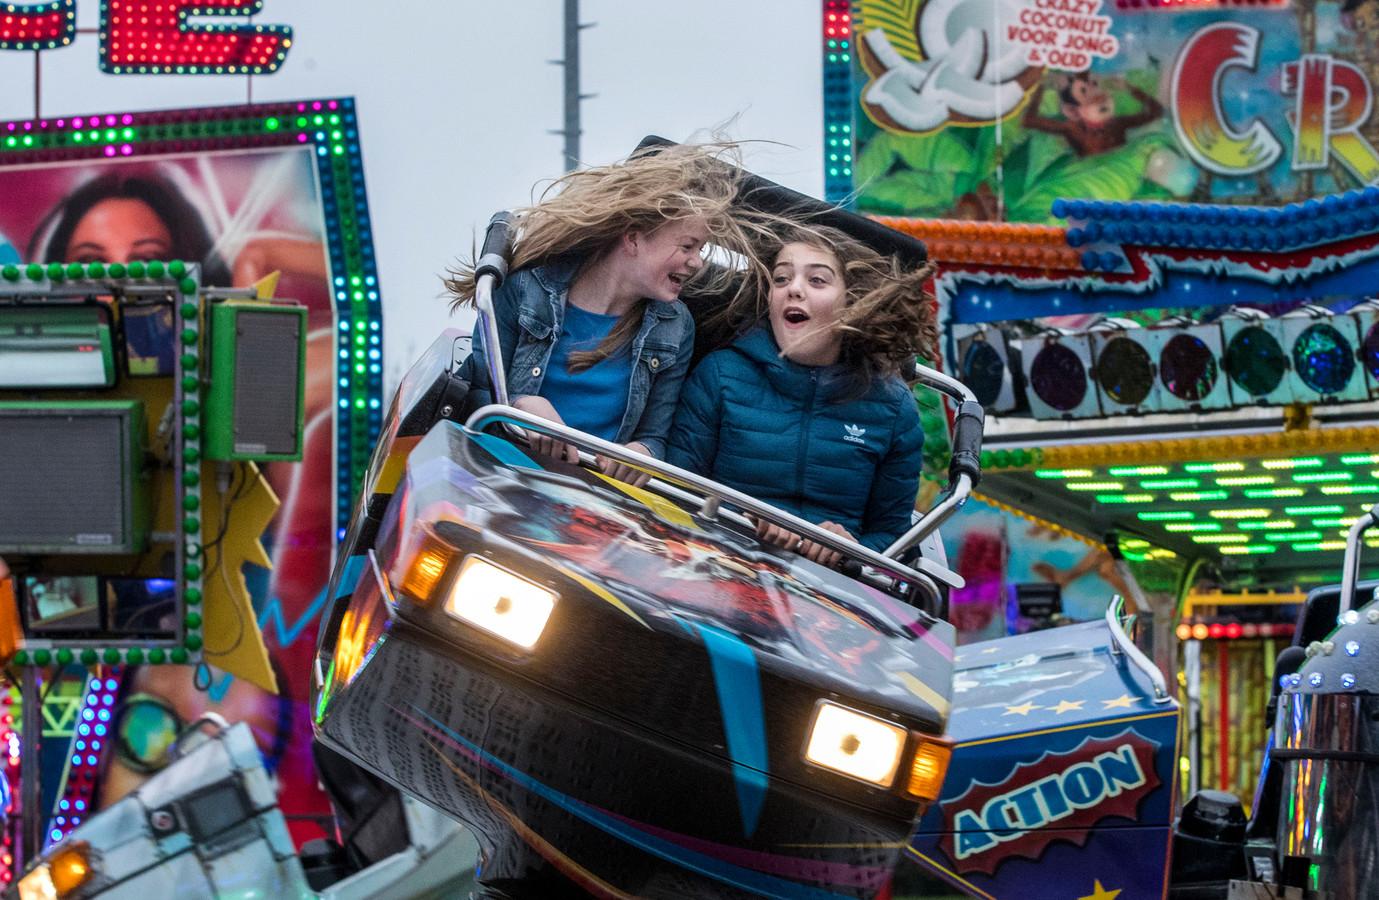 Kermis in Veenendaal op het evenemententerrein in 2018.